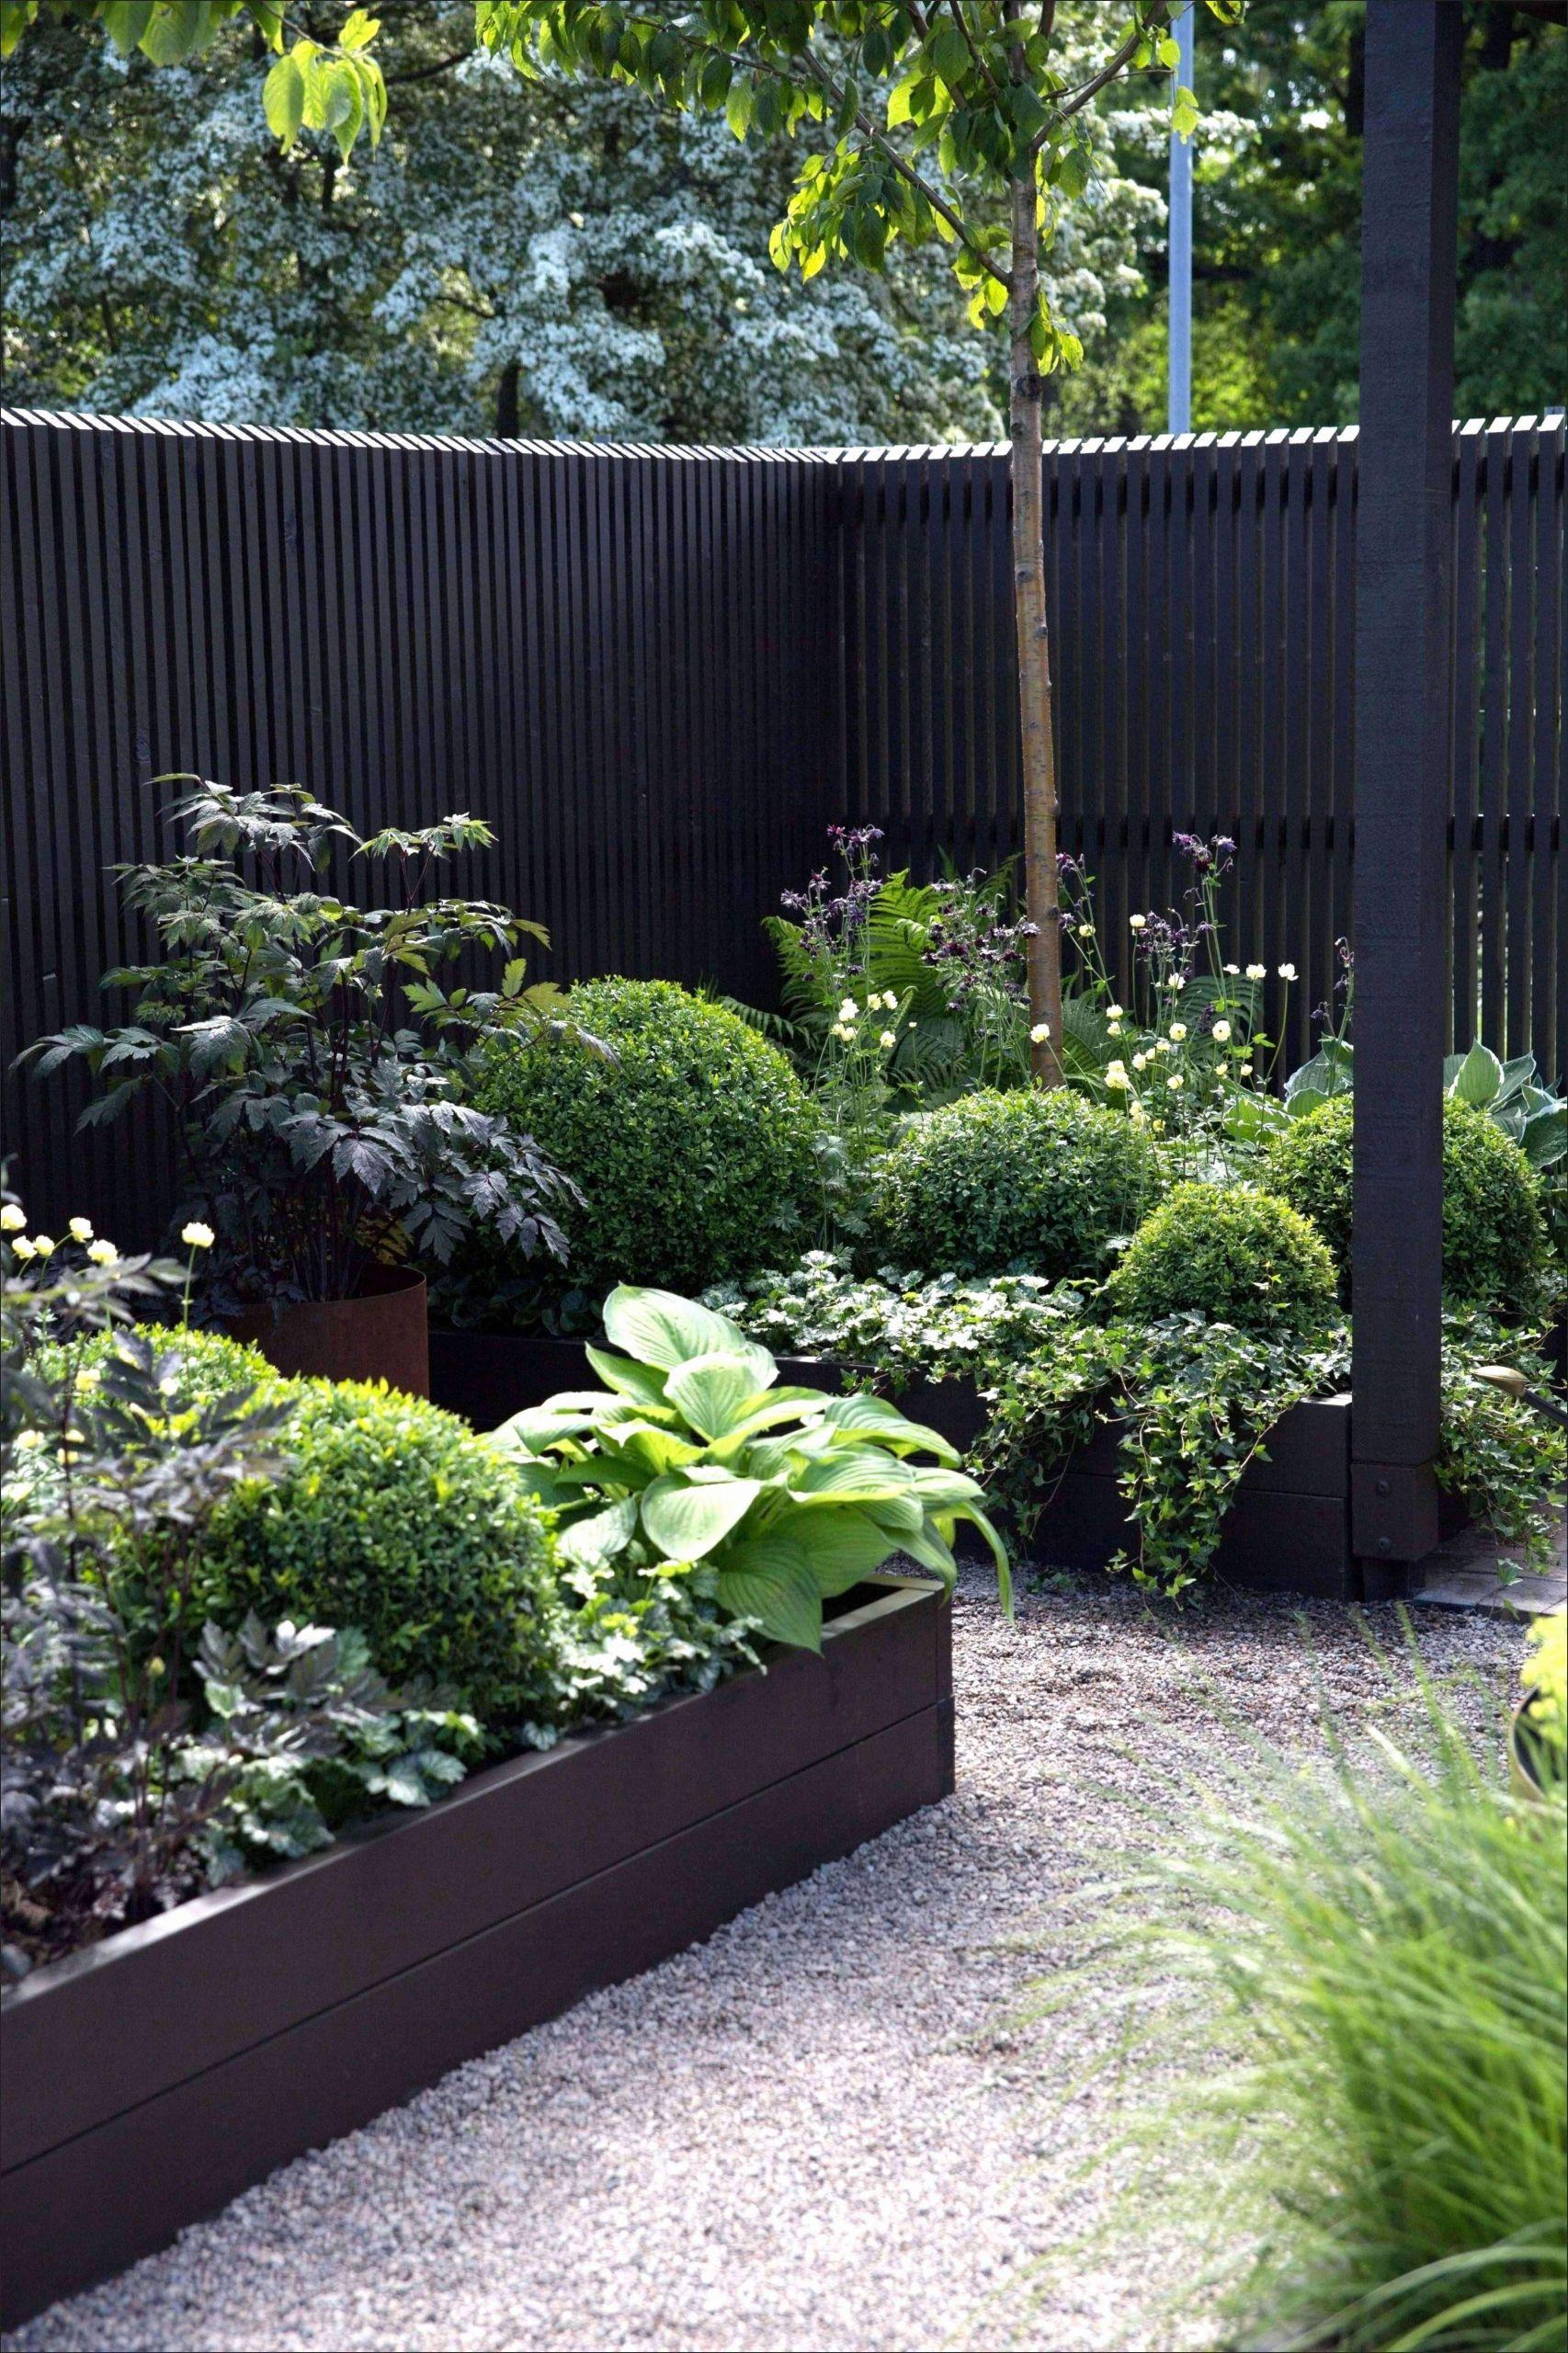 Schaukel Für Den Garten Das Beste Von Spielplatz Für Garten — Temobardz Home Blog